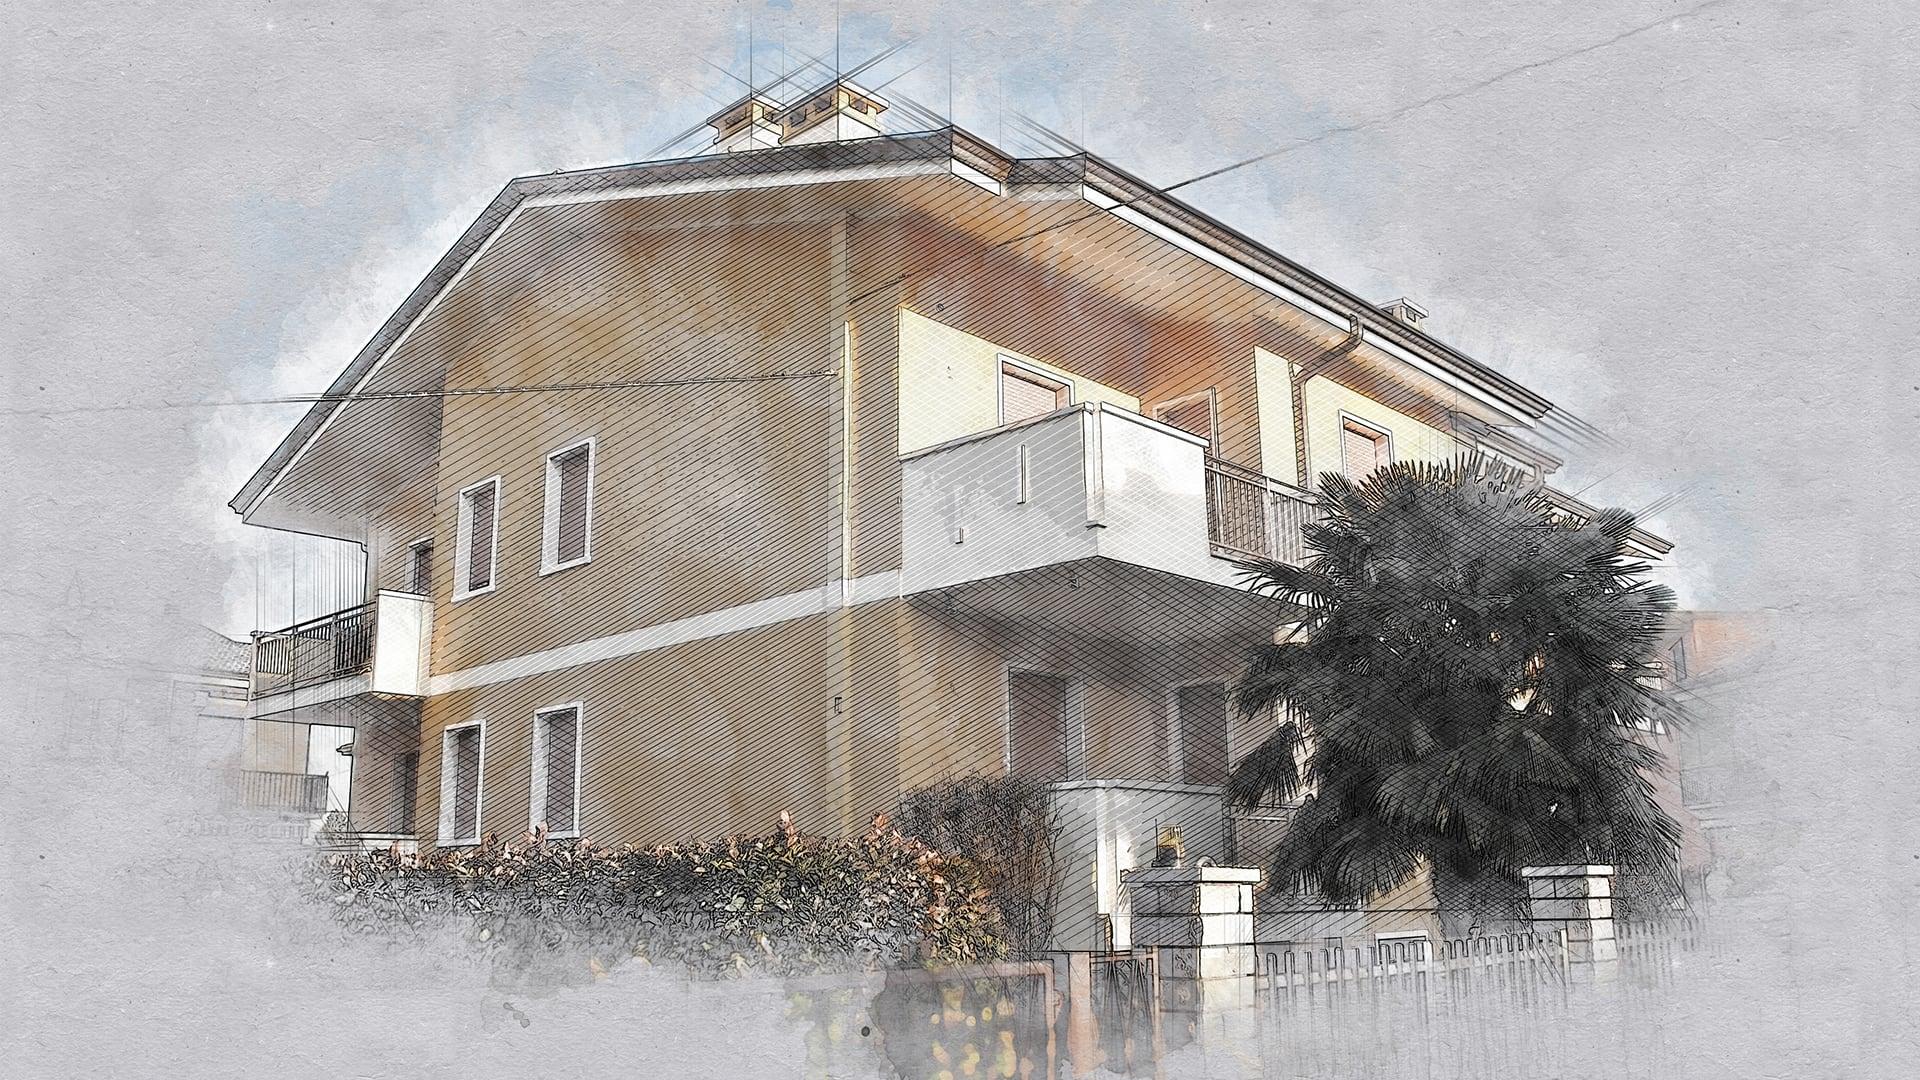 Interventi manutenzione straordinaria - Povegliano Veronese